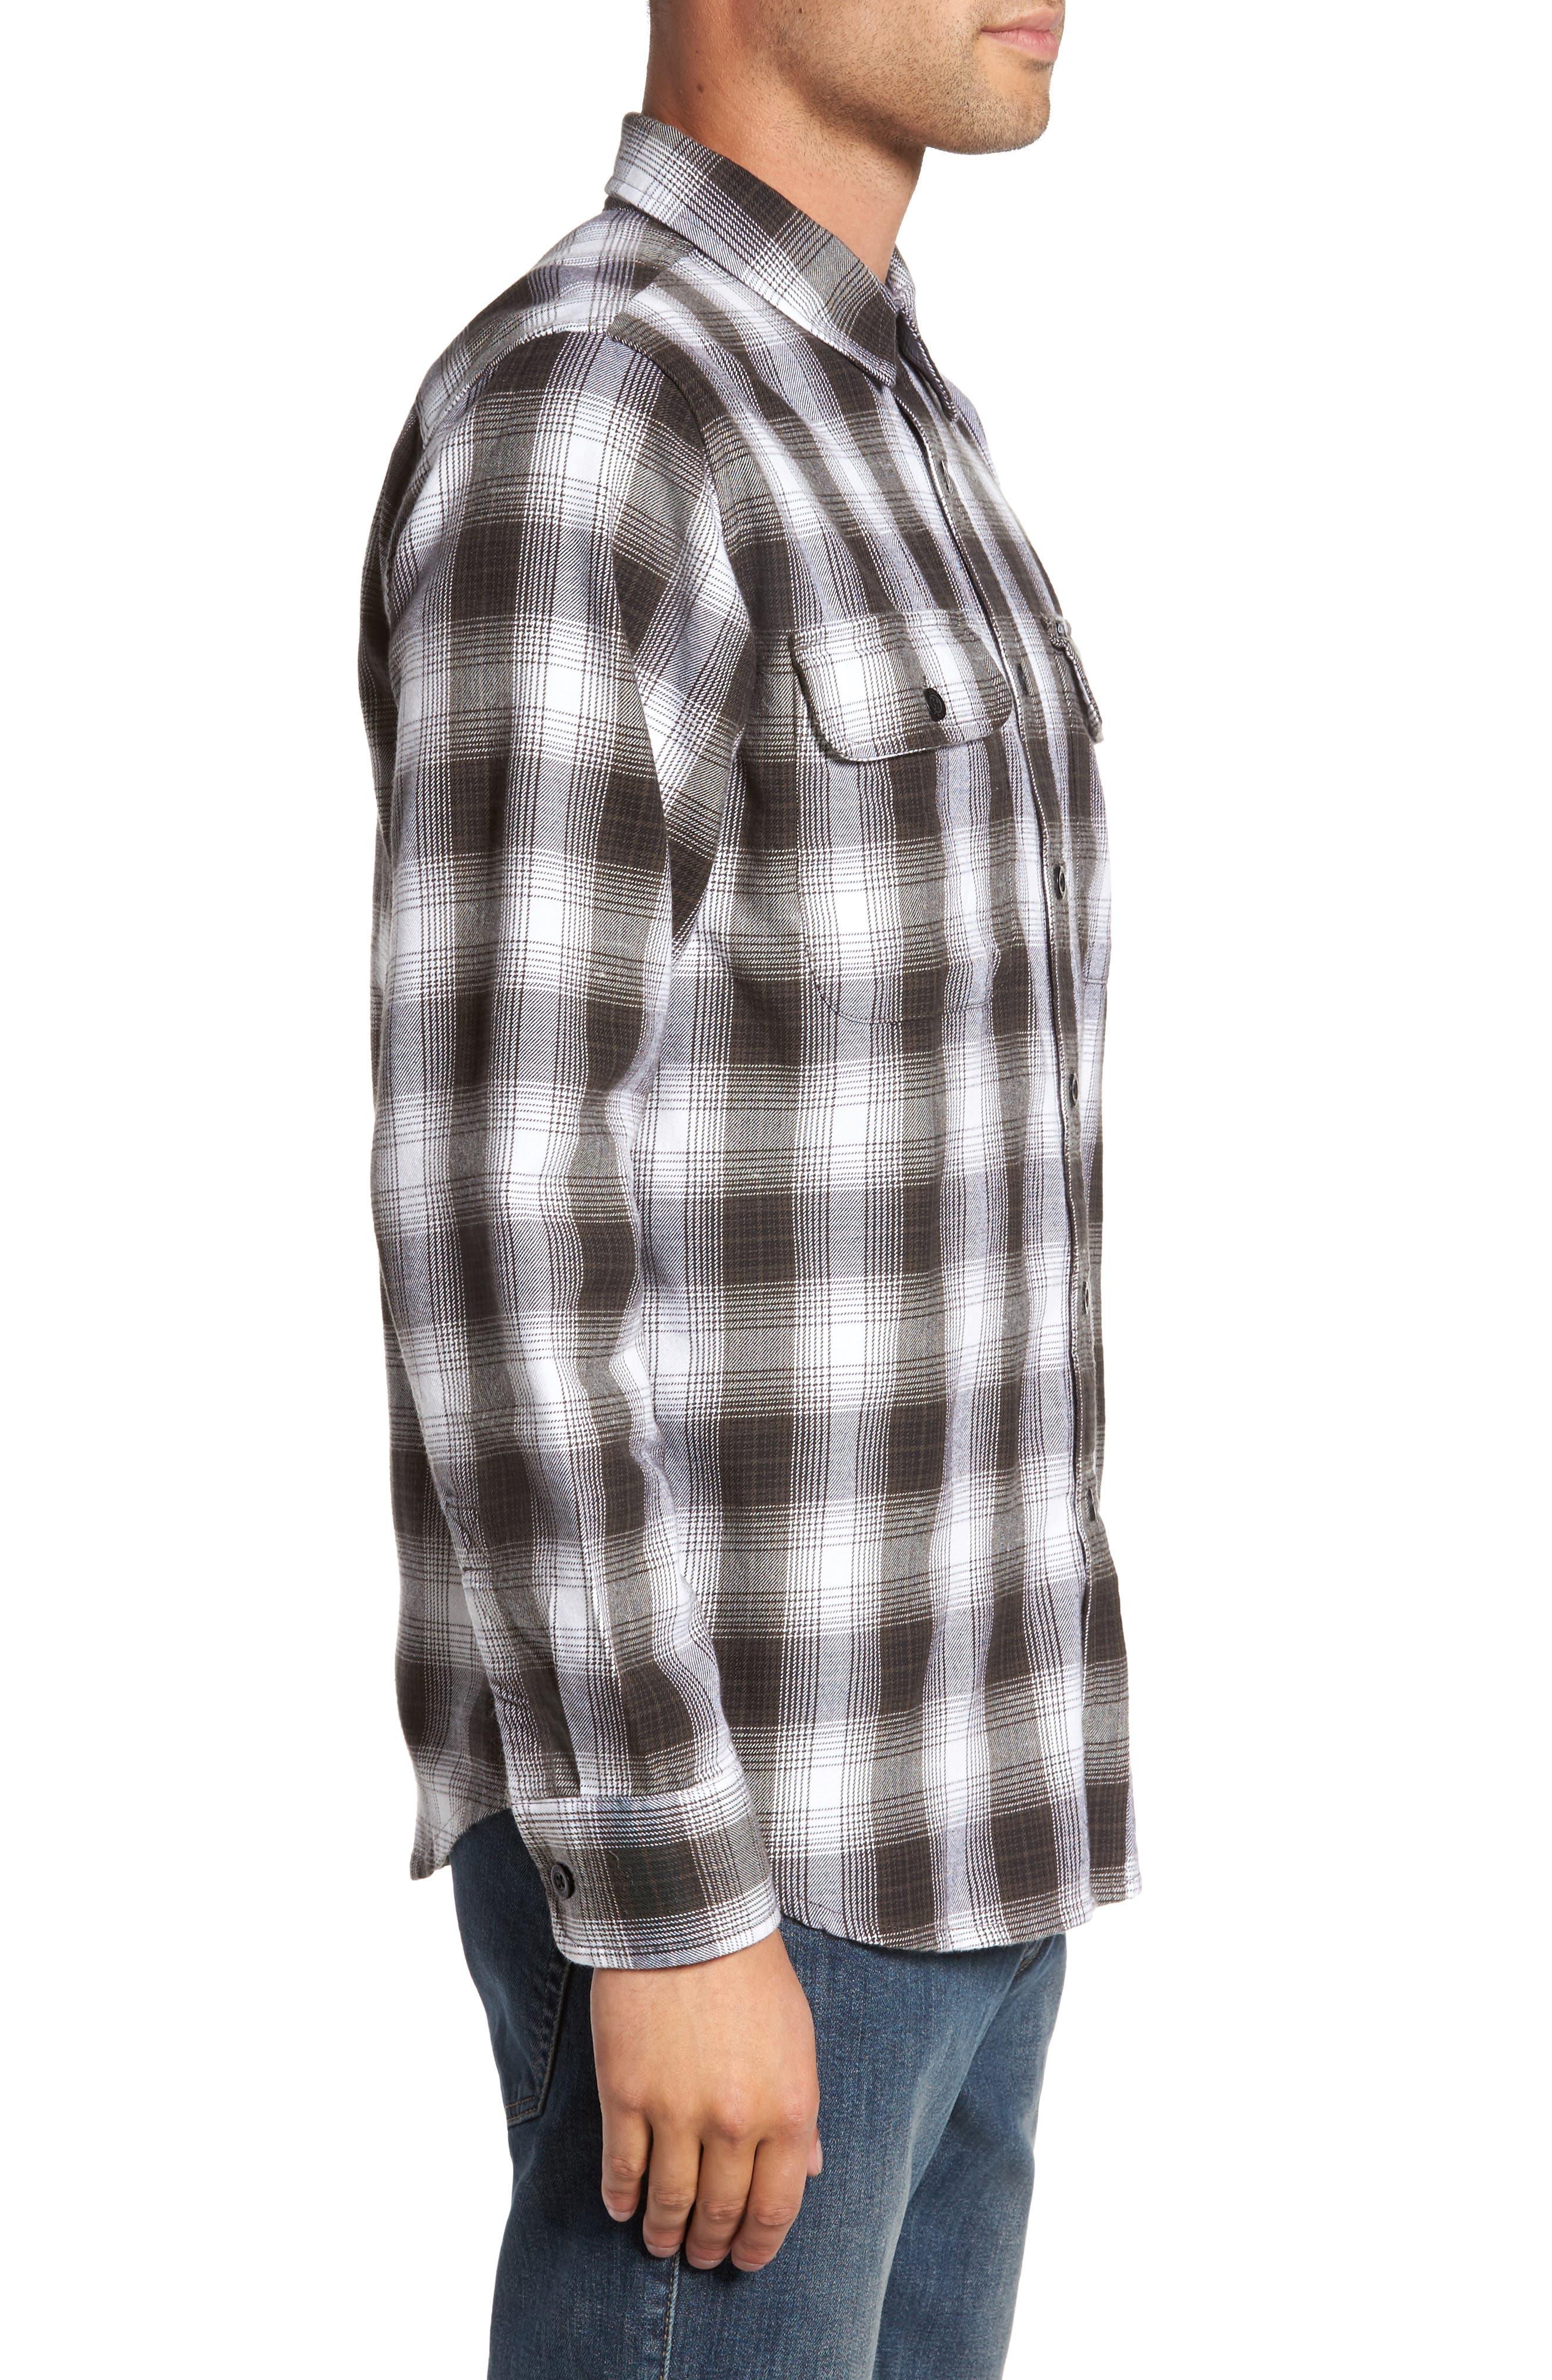 Kemper Plaid Woven Shirt,                             Alternate thumbnail 3, color,                             002